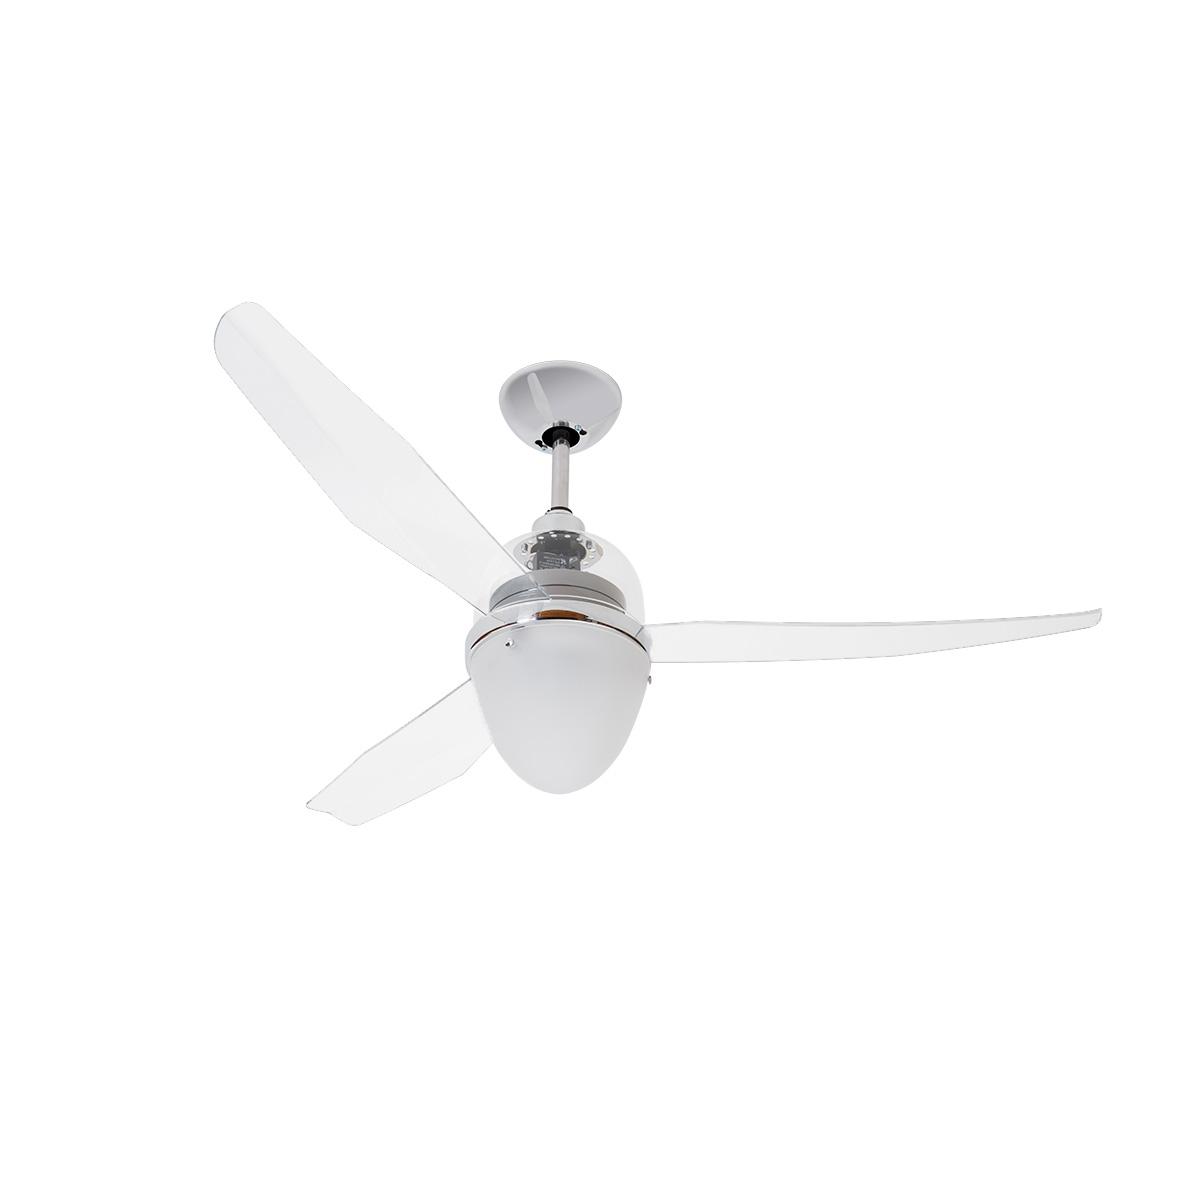 Ανεμιστήρας οροφής διάφανος SWING ECO ceiling fan transparent